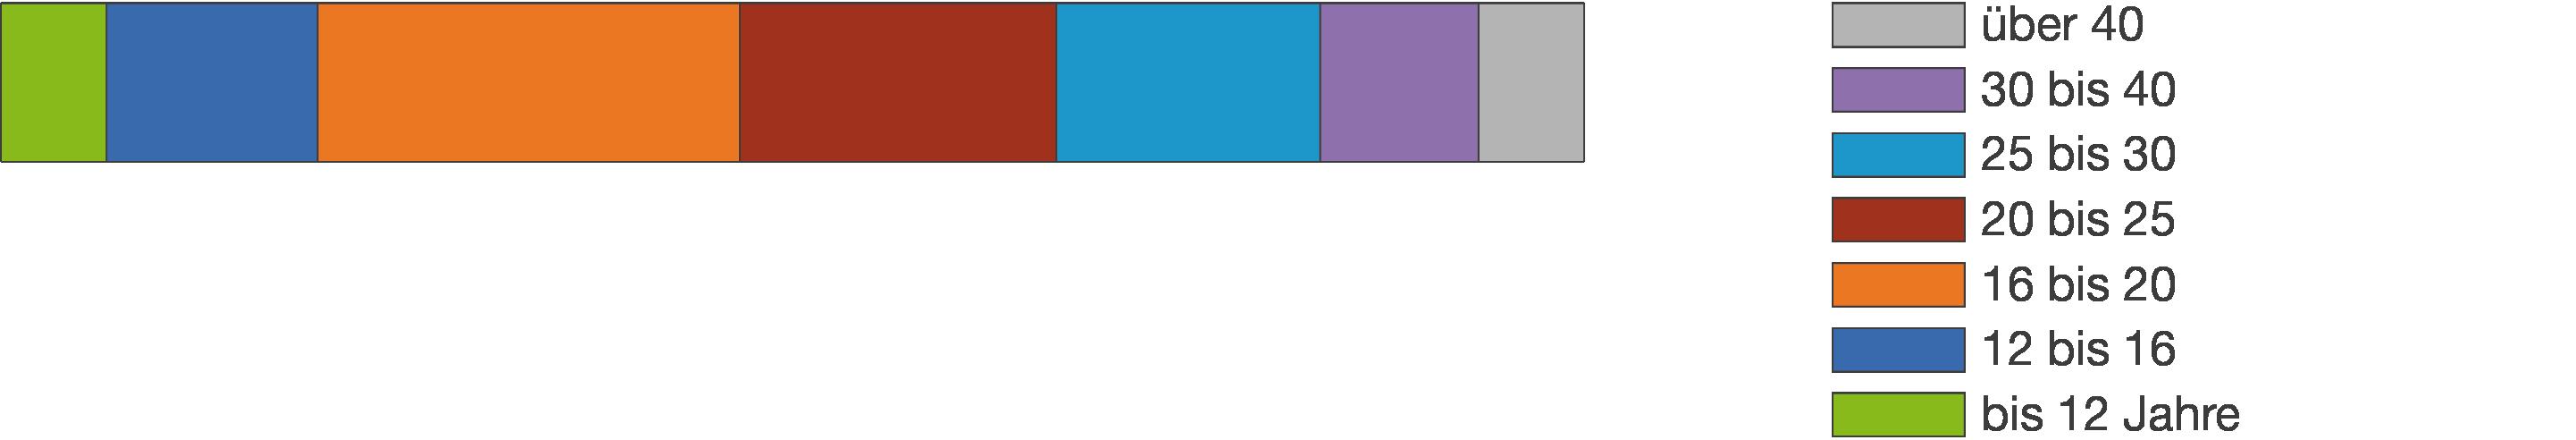 Diagramme: Vermischte Aufgaben